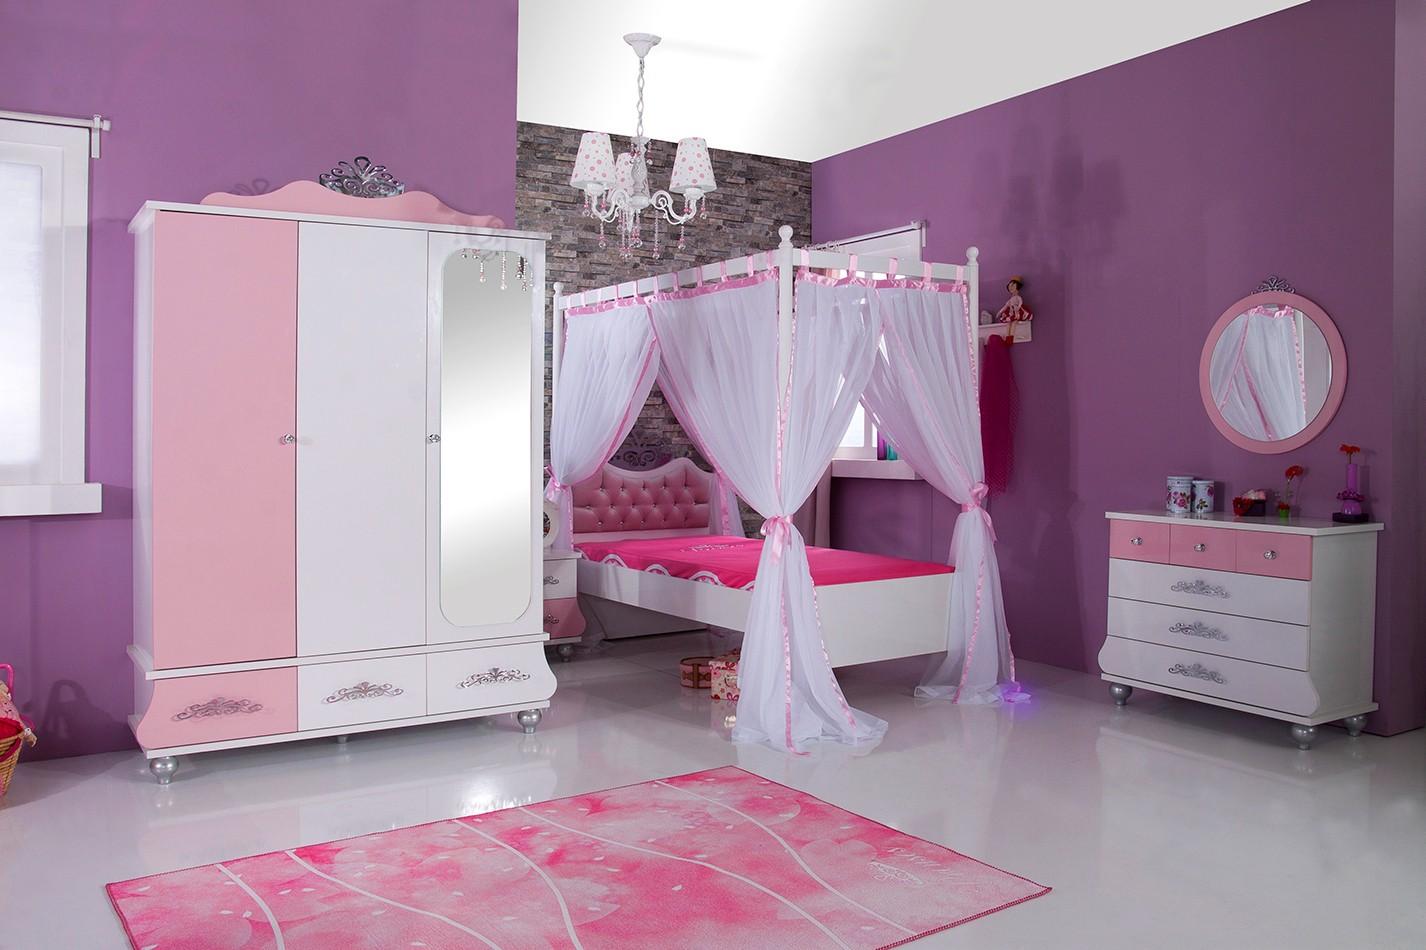 Prinsessenkamer roze 3 delige aanbiedingsset kinderkamer kinderbed terrashaard en barbecues - Stapelbed kleine kamer ...